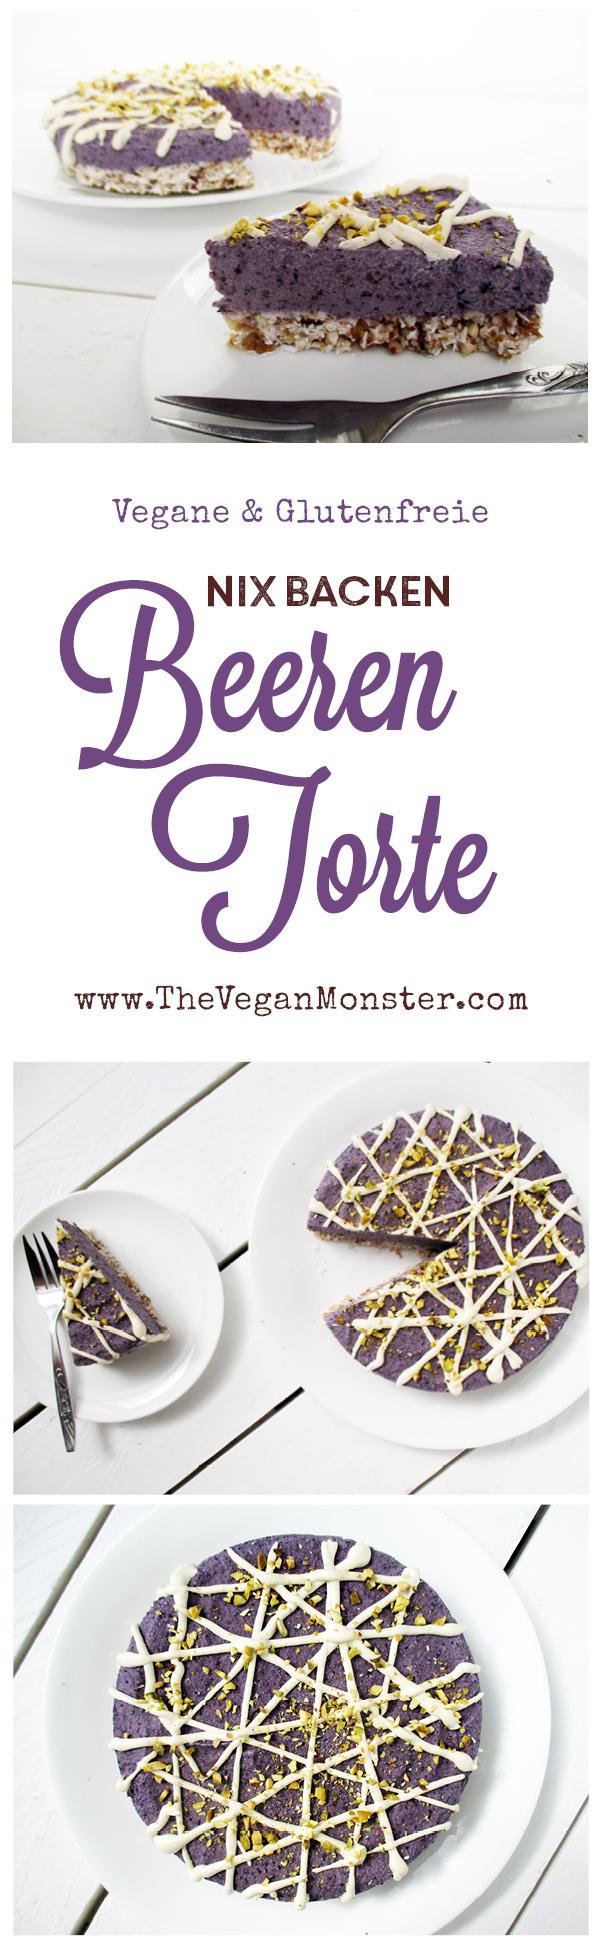 vegane glutenfreie nix backen beeren torte ohne zucker rezept